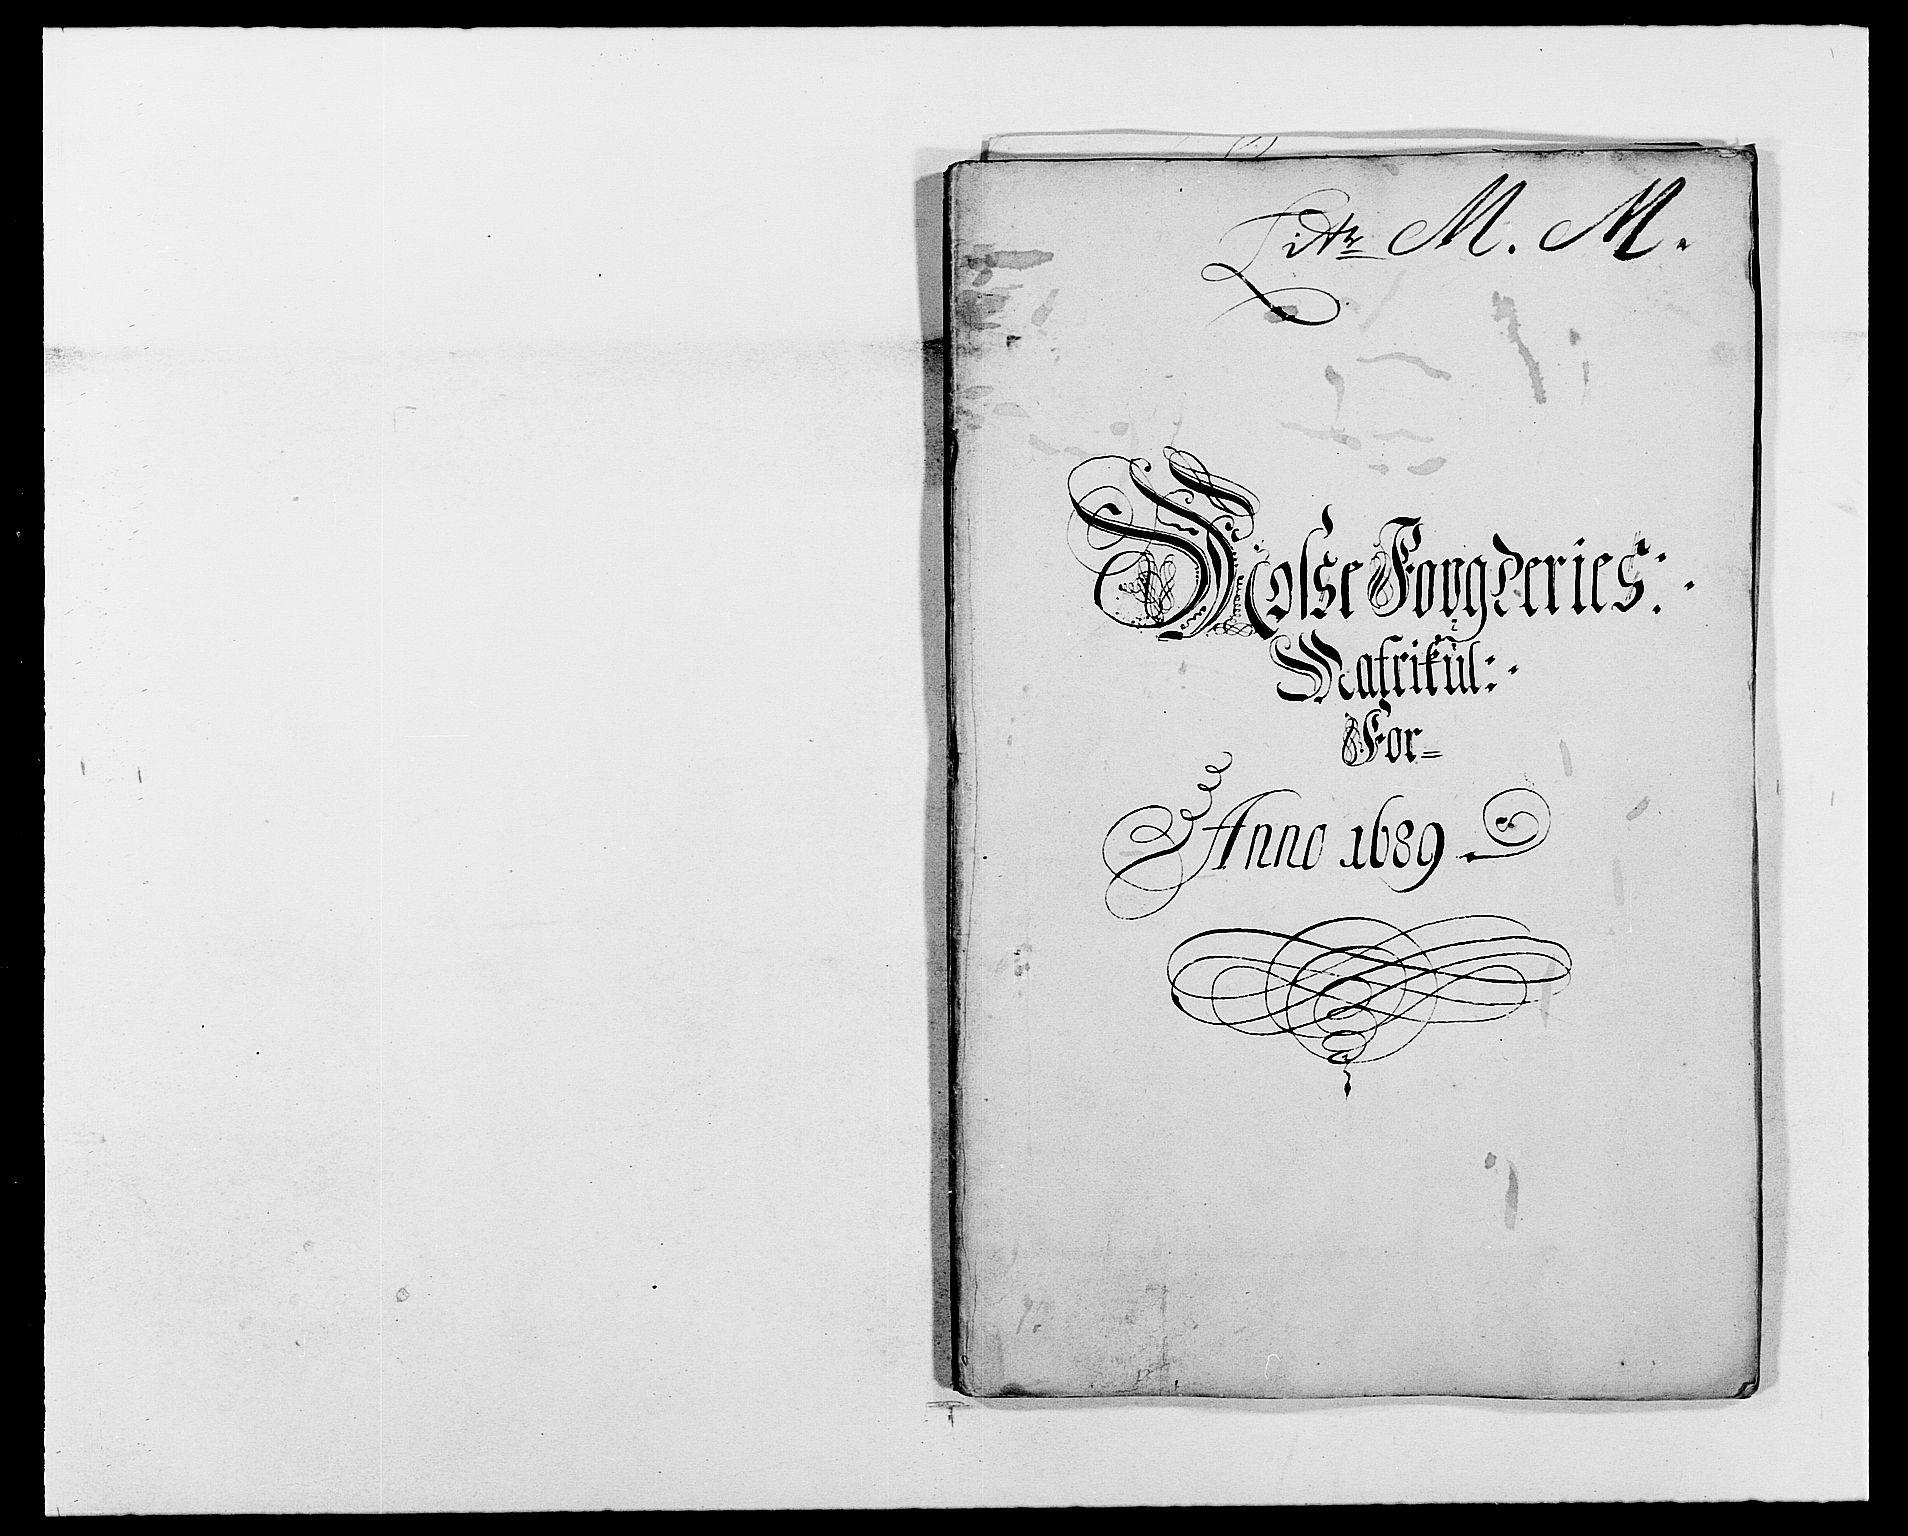 RA, Rentekammeret inntil 1814, Reviderte regnskaper, Fogderegnskap, R02/L0106: Fogderegnskap Moss og Verne kloster, 1688-1691, s. 209